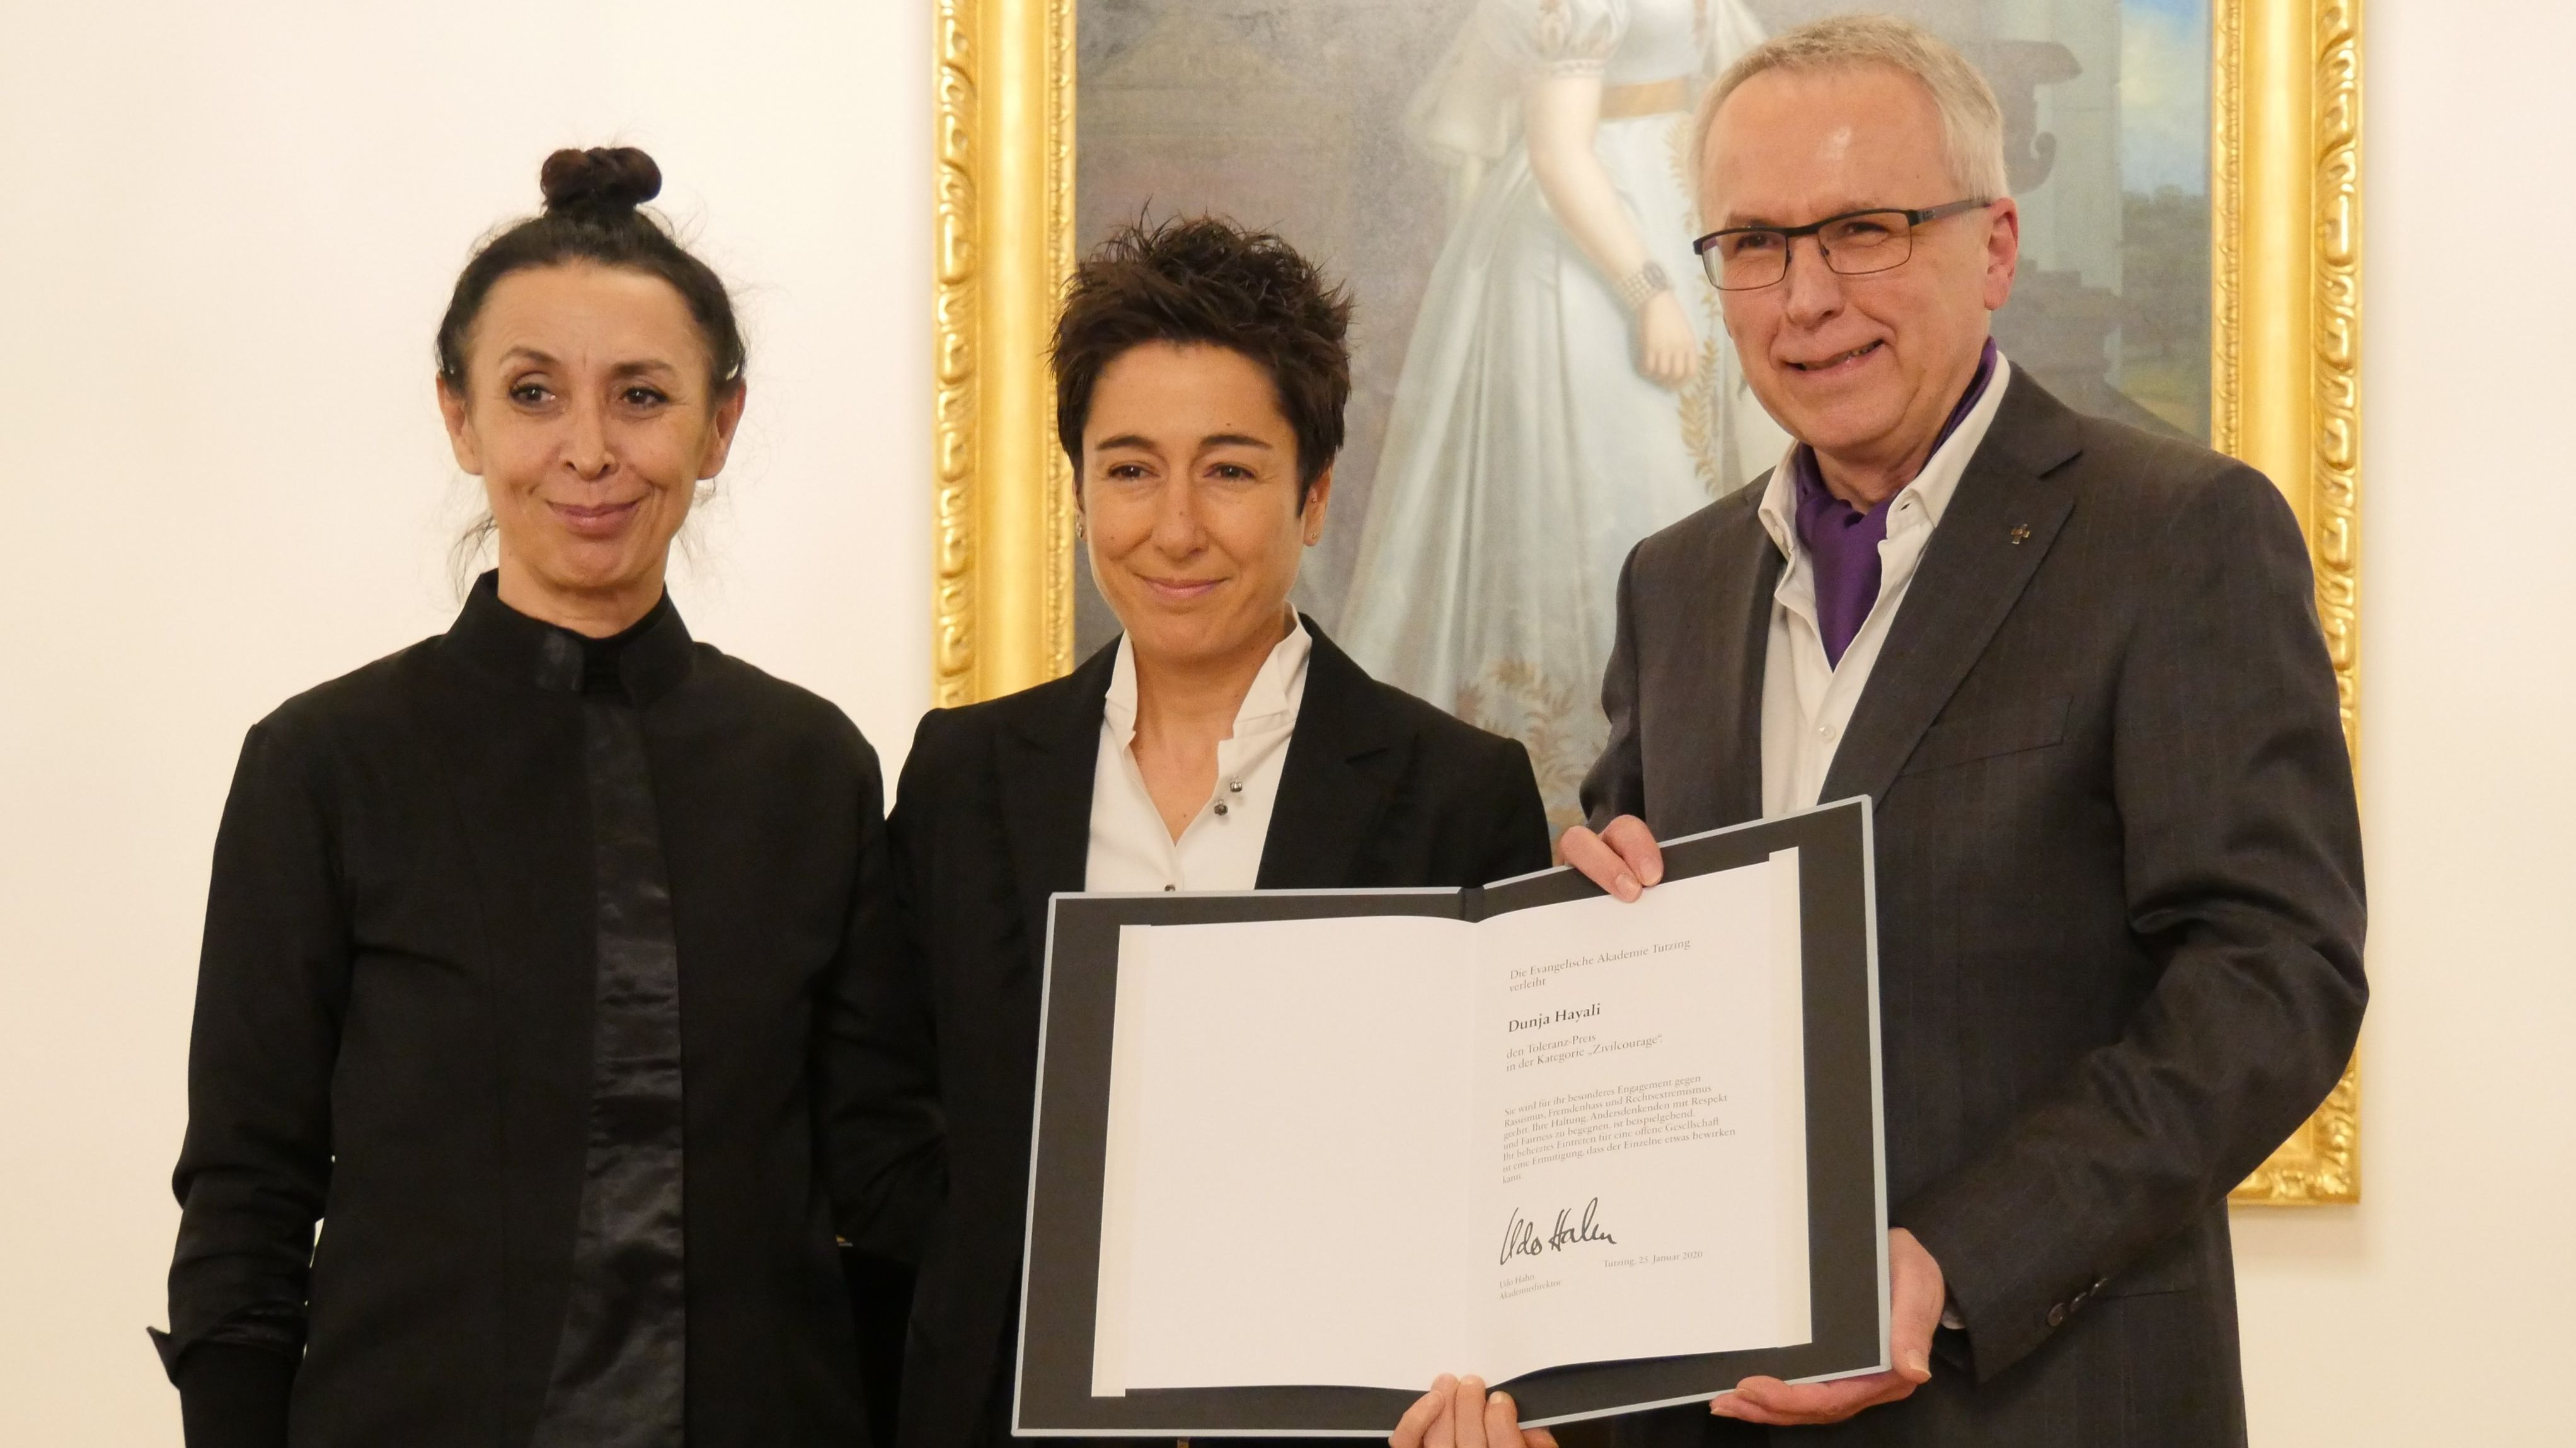 Shermin Langhoff, Dunja Hayali und Udo Hahn bei der Preisverleihung des Toleranz-Preises für Zivilcourage in Tutzing am 25. Januar 2020. mit Urkunde.